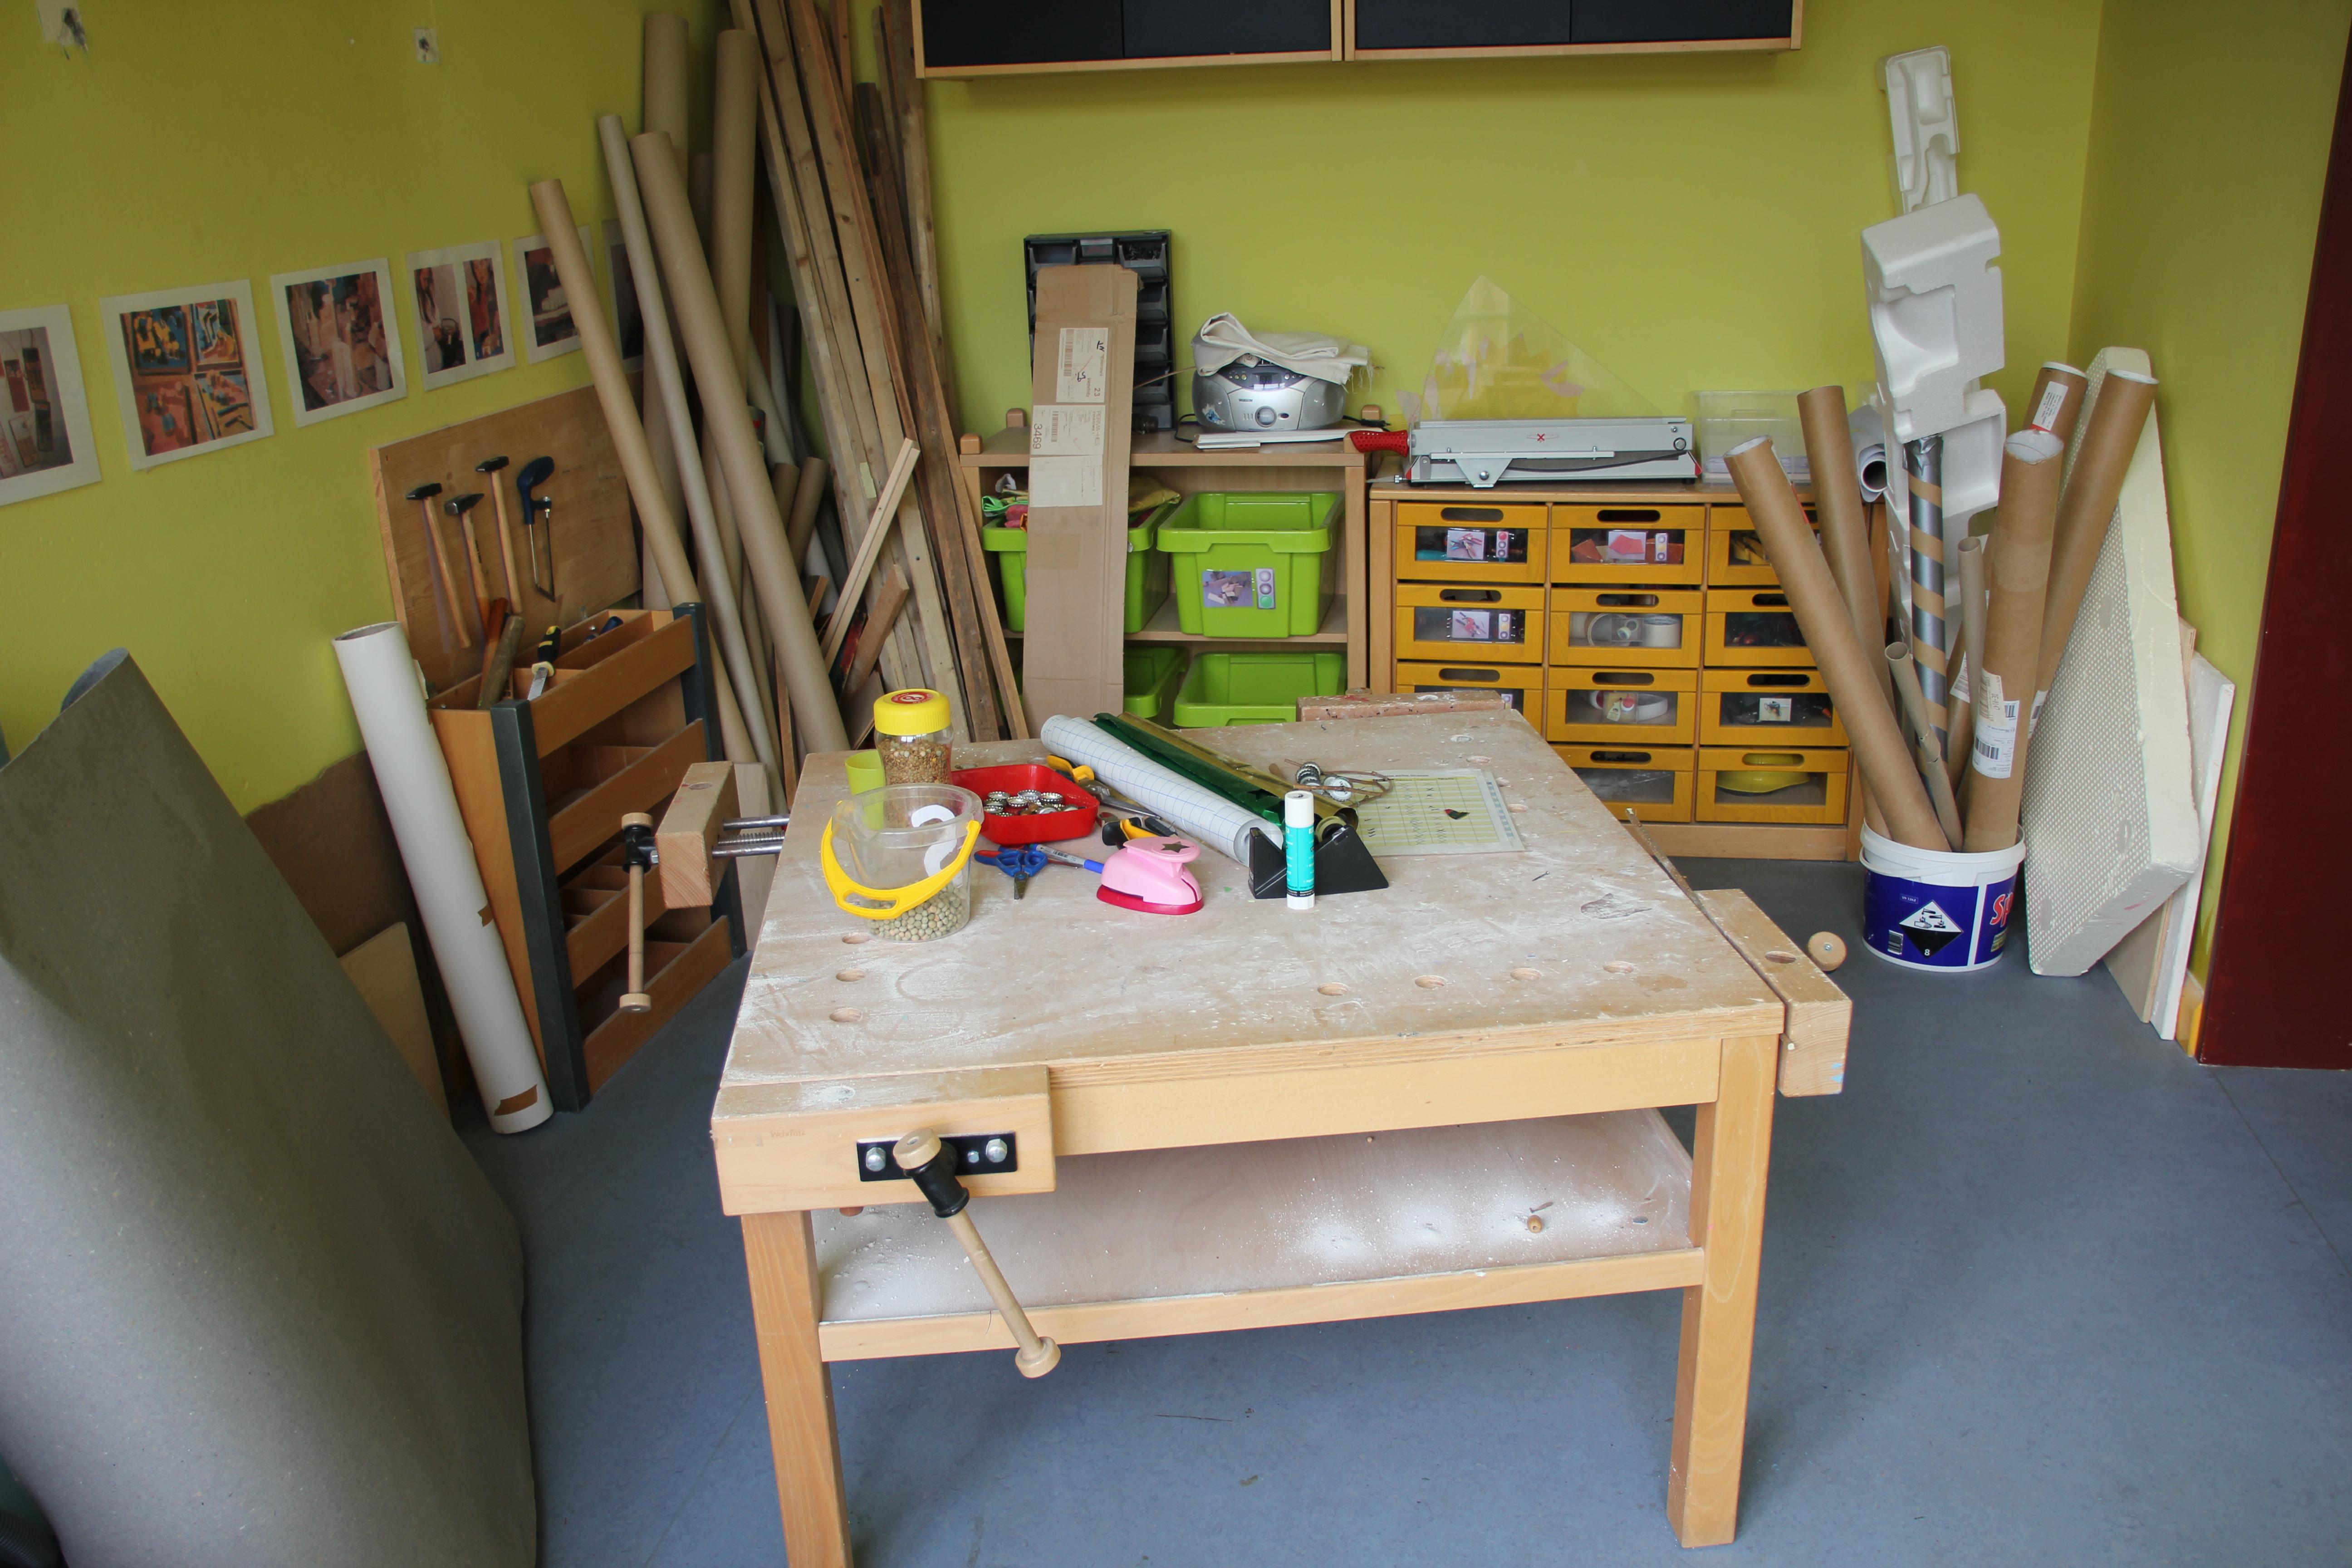 kindergarten bullerb img 0421. Black Bedroom Furniture Sets. Home Design Ideas